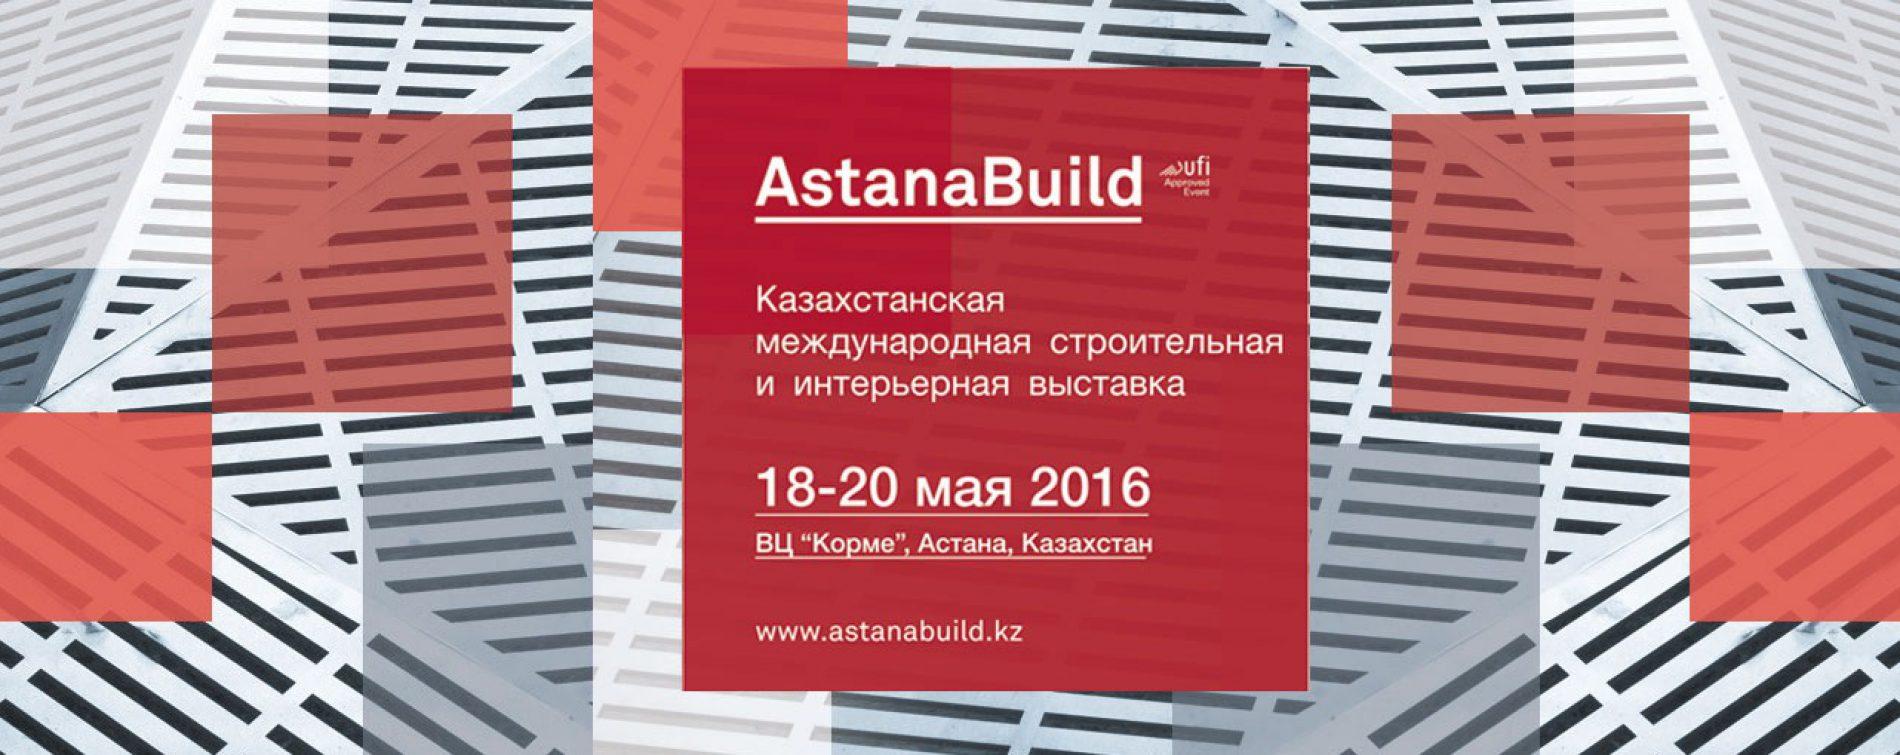 AstanaBuild: fiera dell'edilizia in Kazakistan